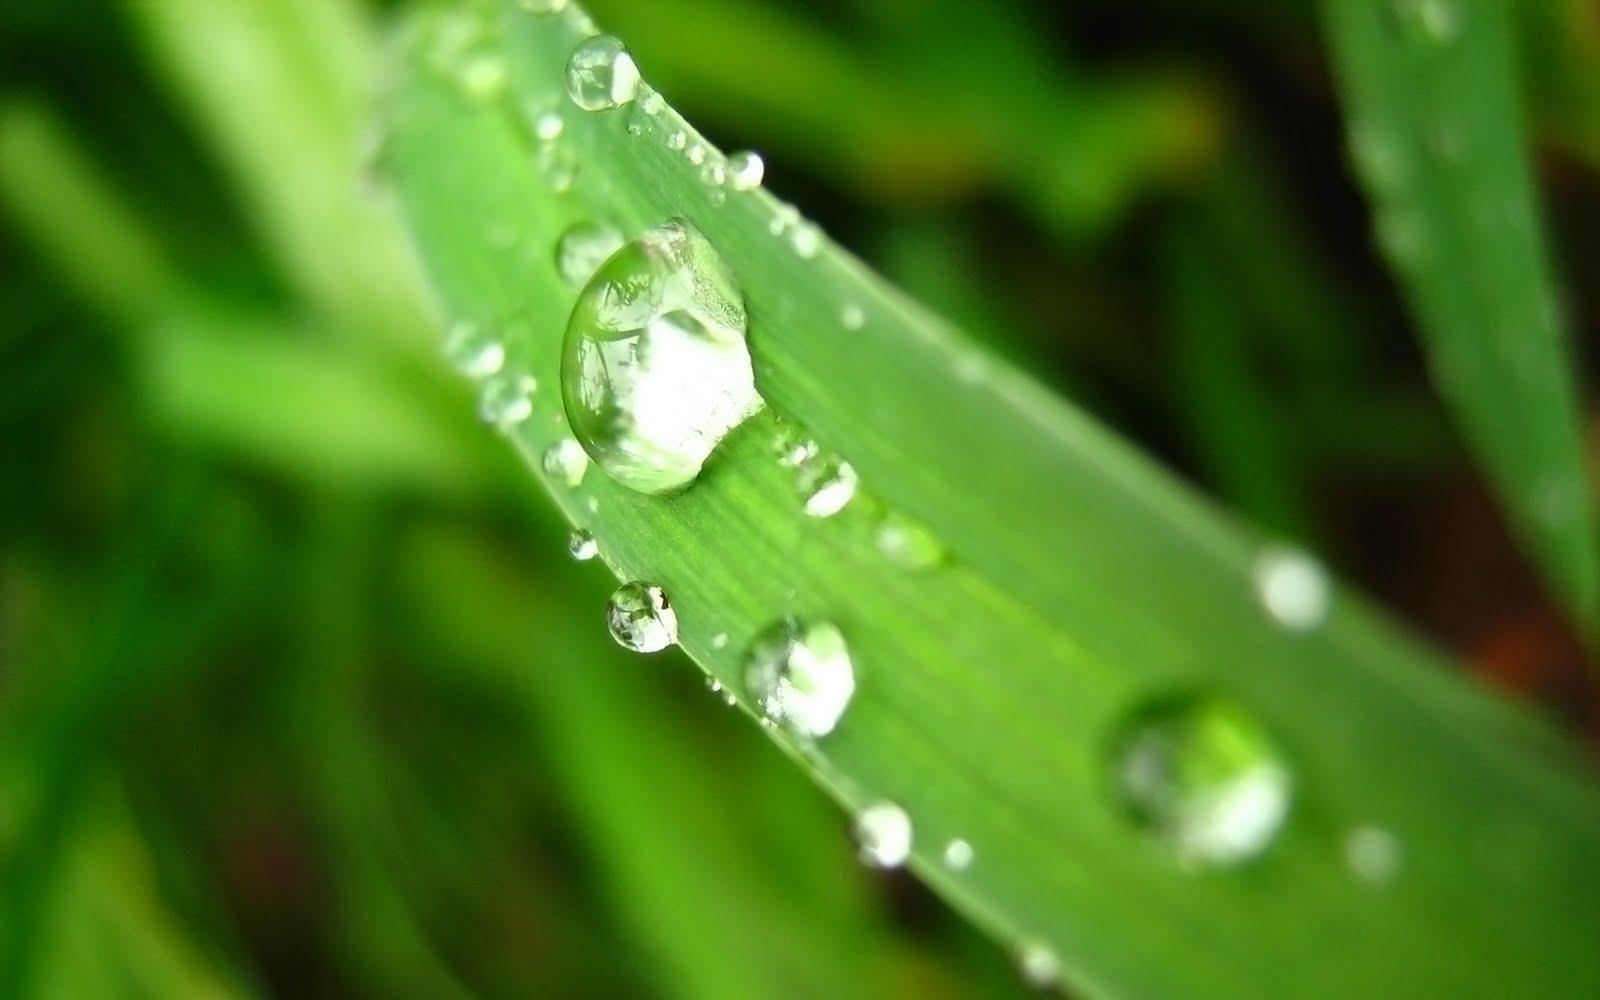 http://3.bp.blogspot.com/-tg7lEJegJHM/Tj3JCoXupfI/AAAAAAAAIto/YLAGWiVFmEg/s1600/Rain+Wallpapers.jpg